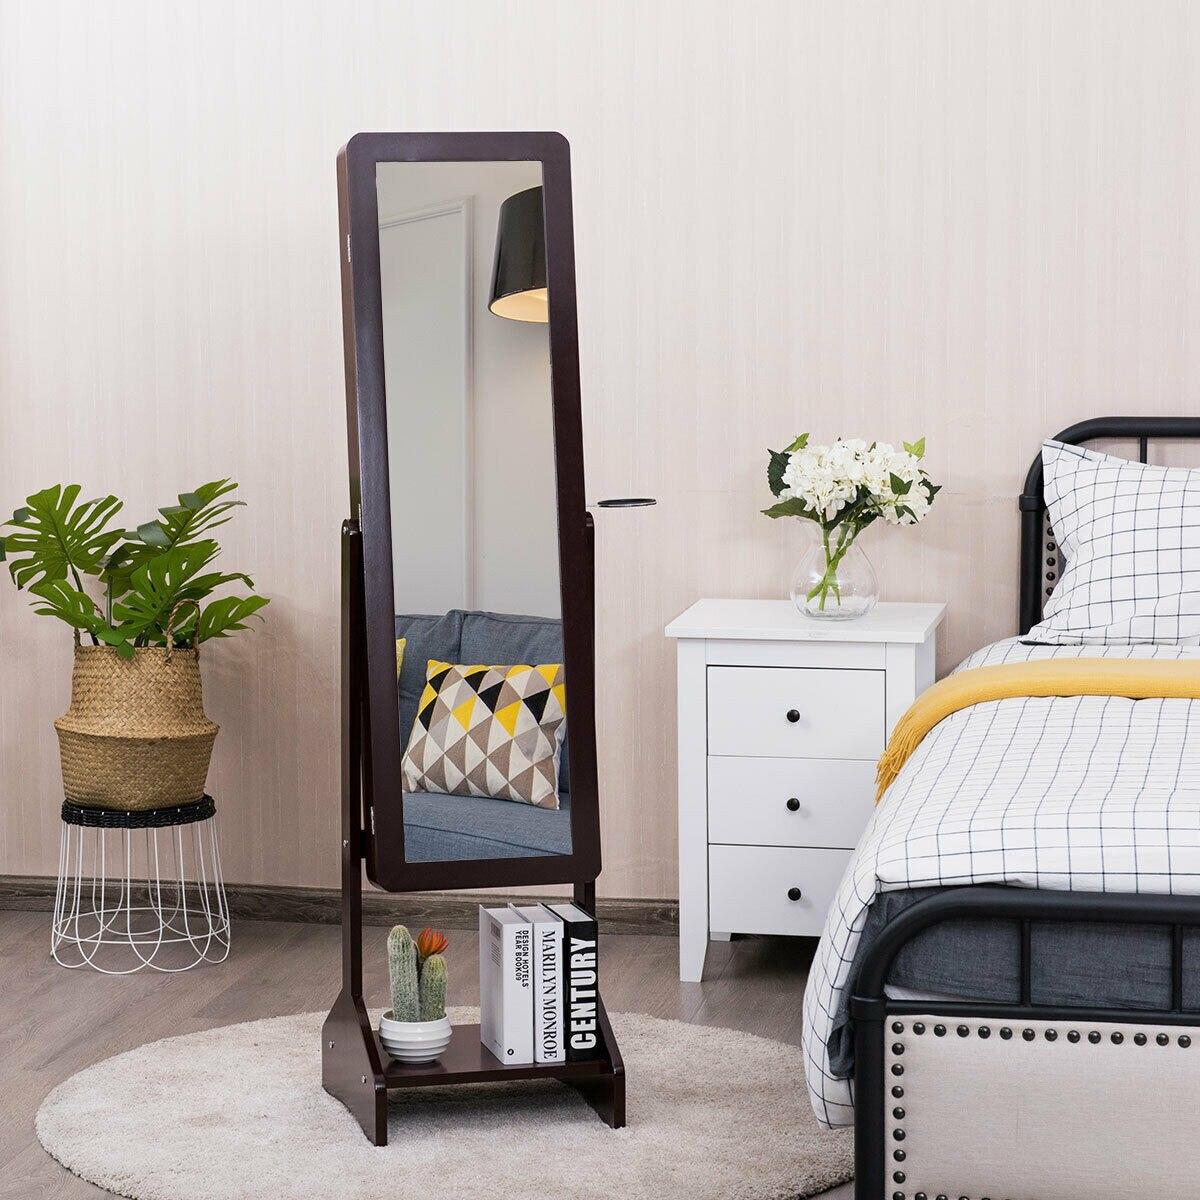 Alta qualidade superior e resistente móveis em pé gabinete de jóias com espelho de comprimento total organização de armazenamento em casa hw63124cf